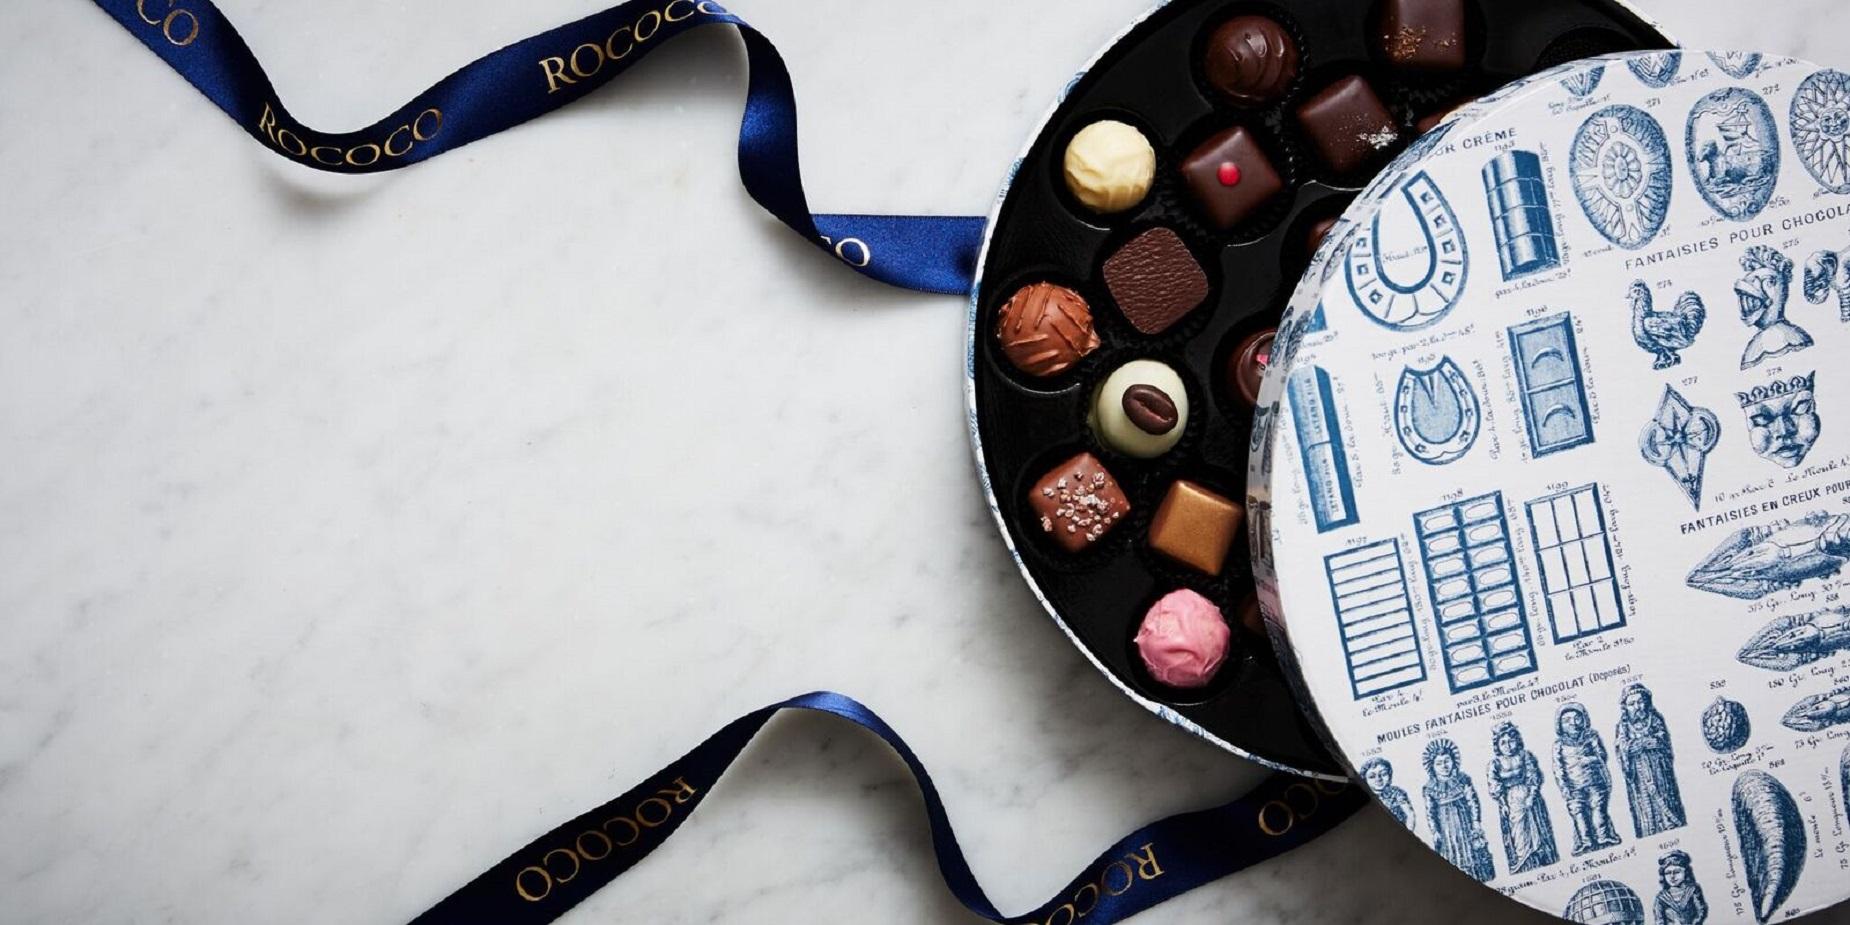 ãRococo Chocolatesãã®ç»åæ¤ç´¢çµæ